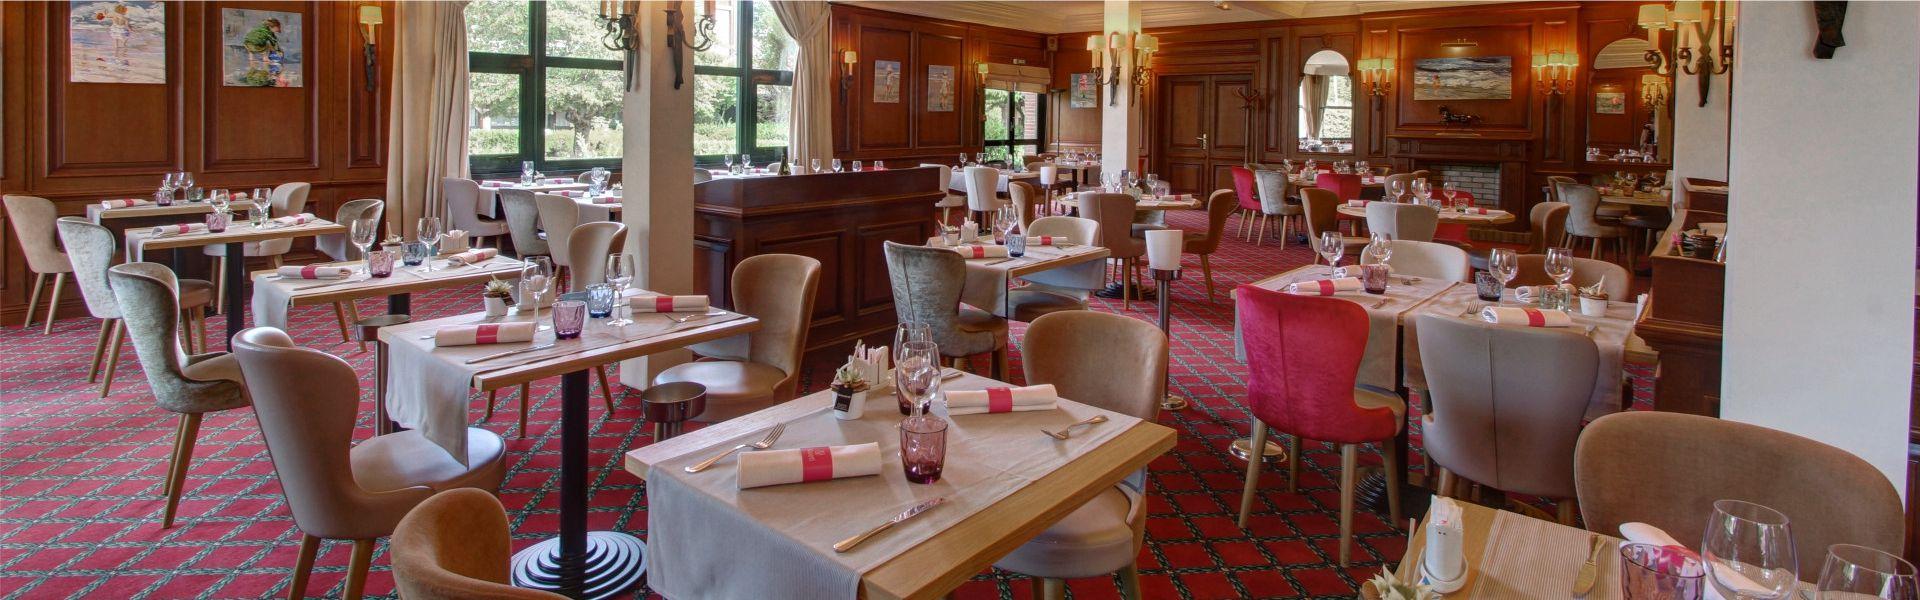 Photo de la salle du restaurant L'orangerie.